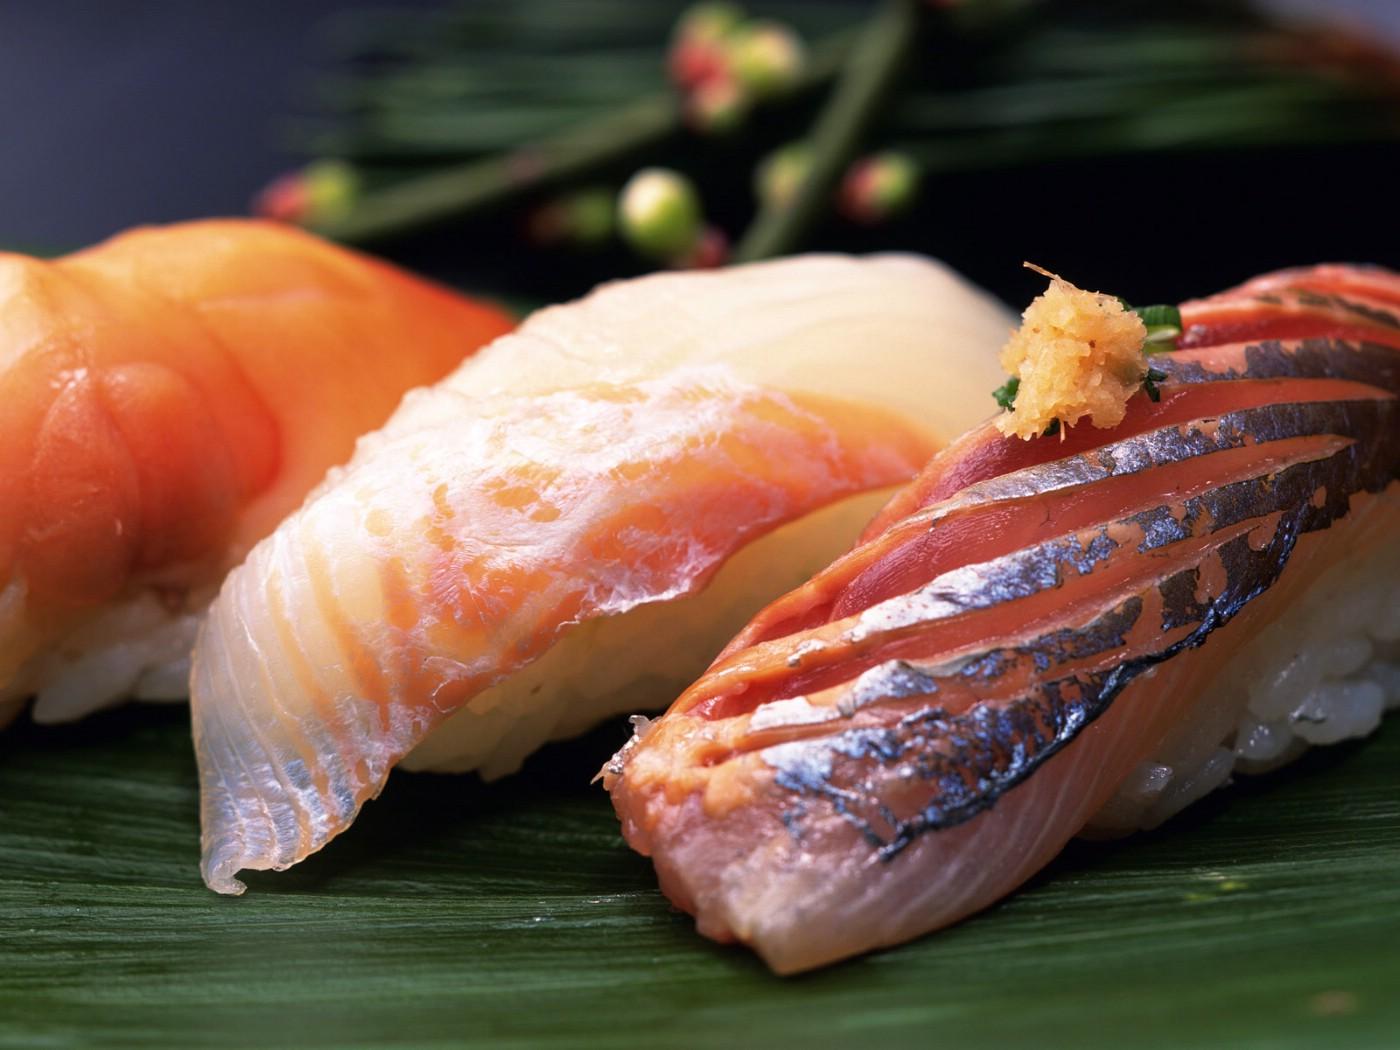 壁纸1400×1050海鲜美食 5 20壁纸 海鲜美食壁纸图片美食壁纸美食图片素材桌面壁纸